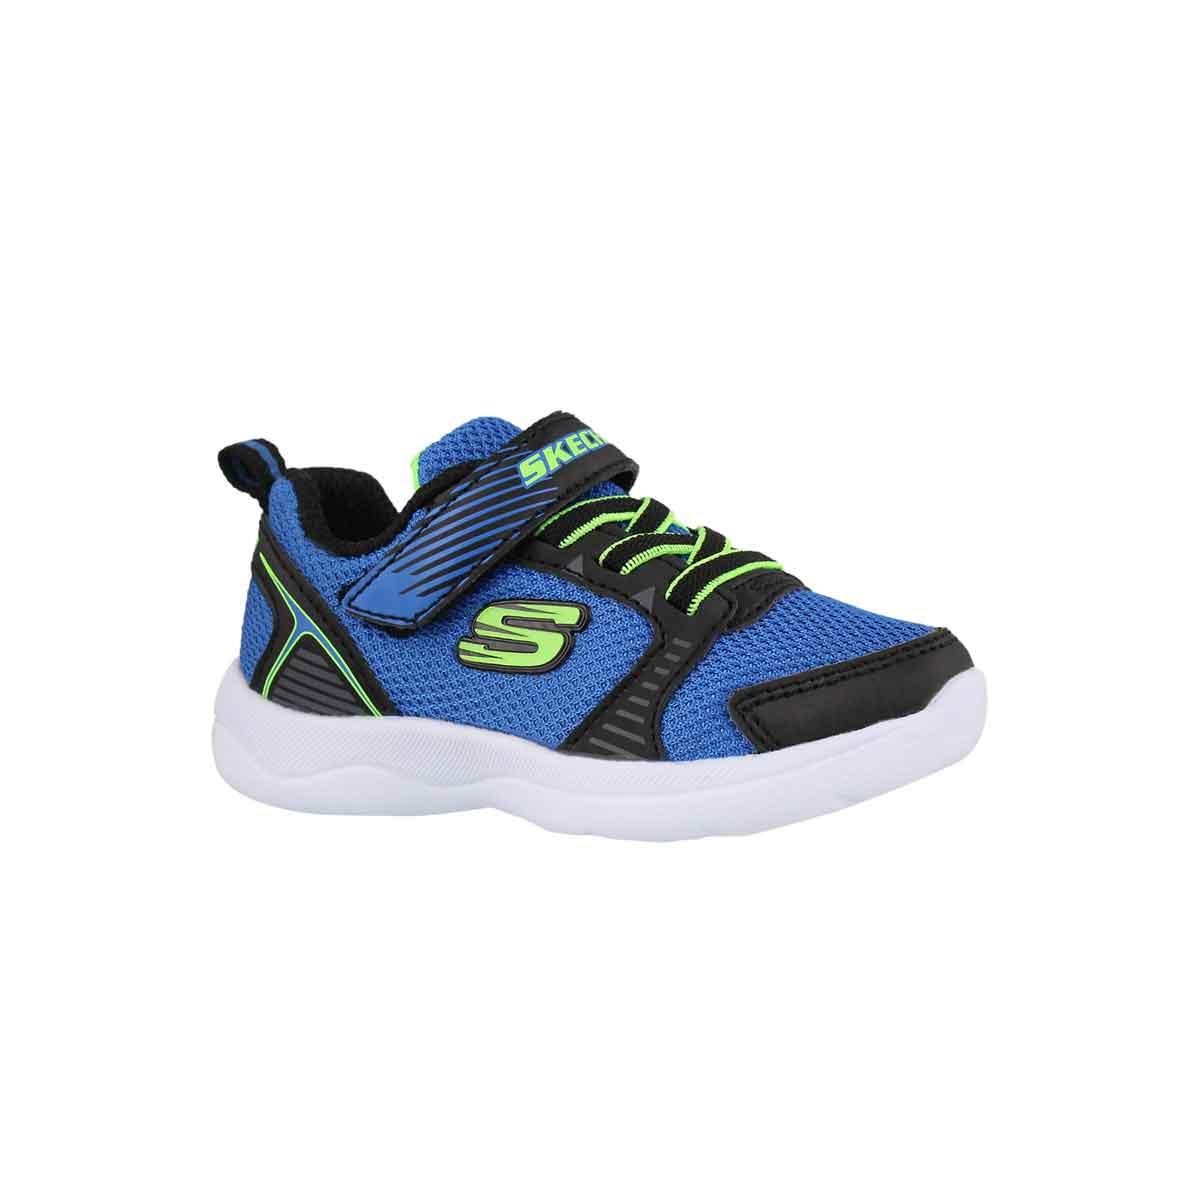 Infants' SKECH-STEPZ 2.0 blue/black sneakers